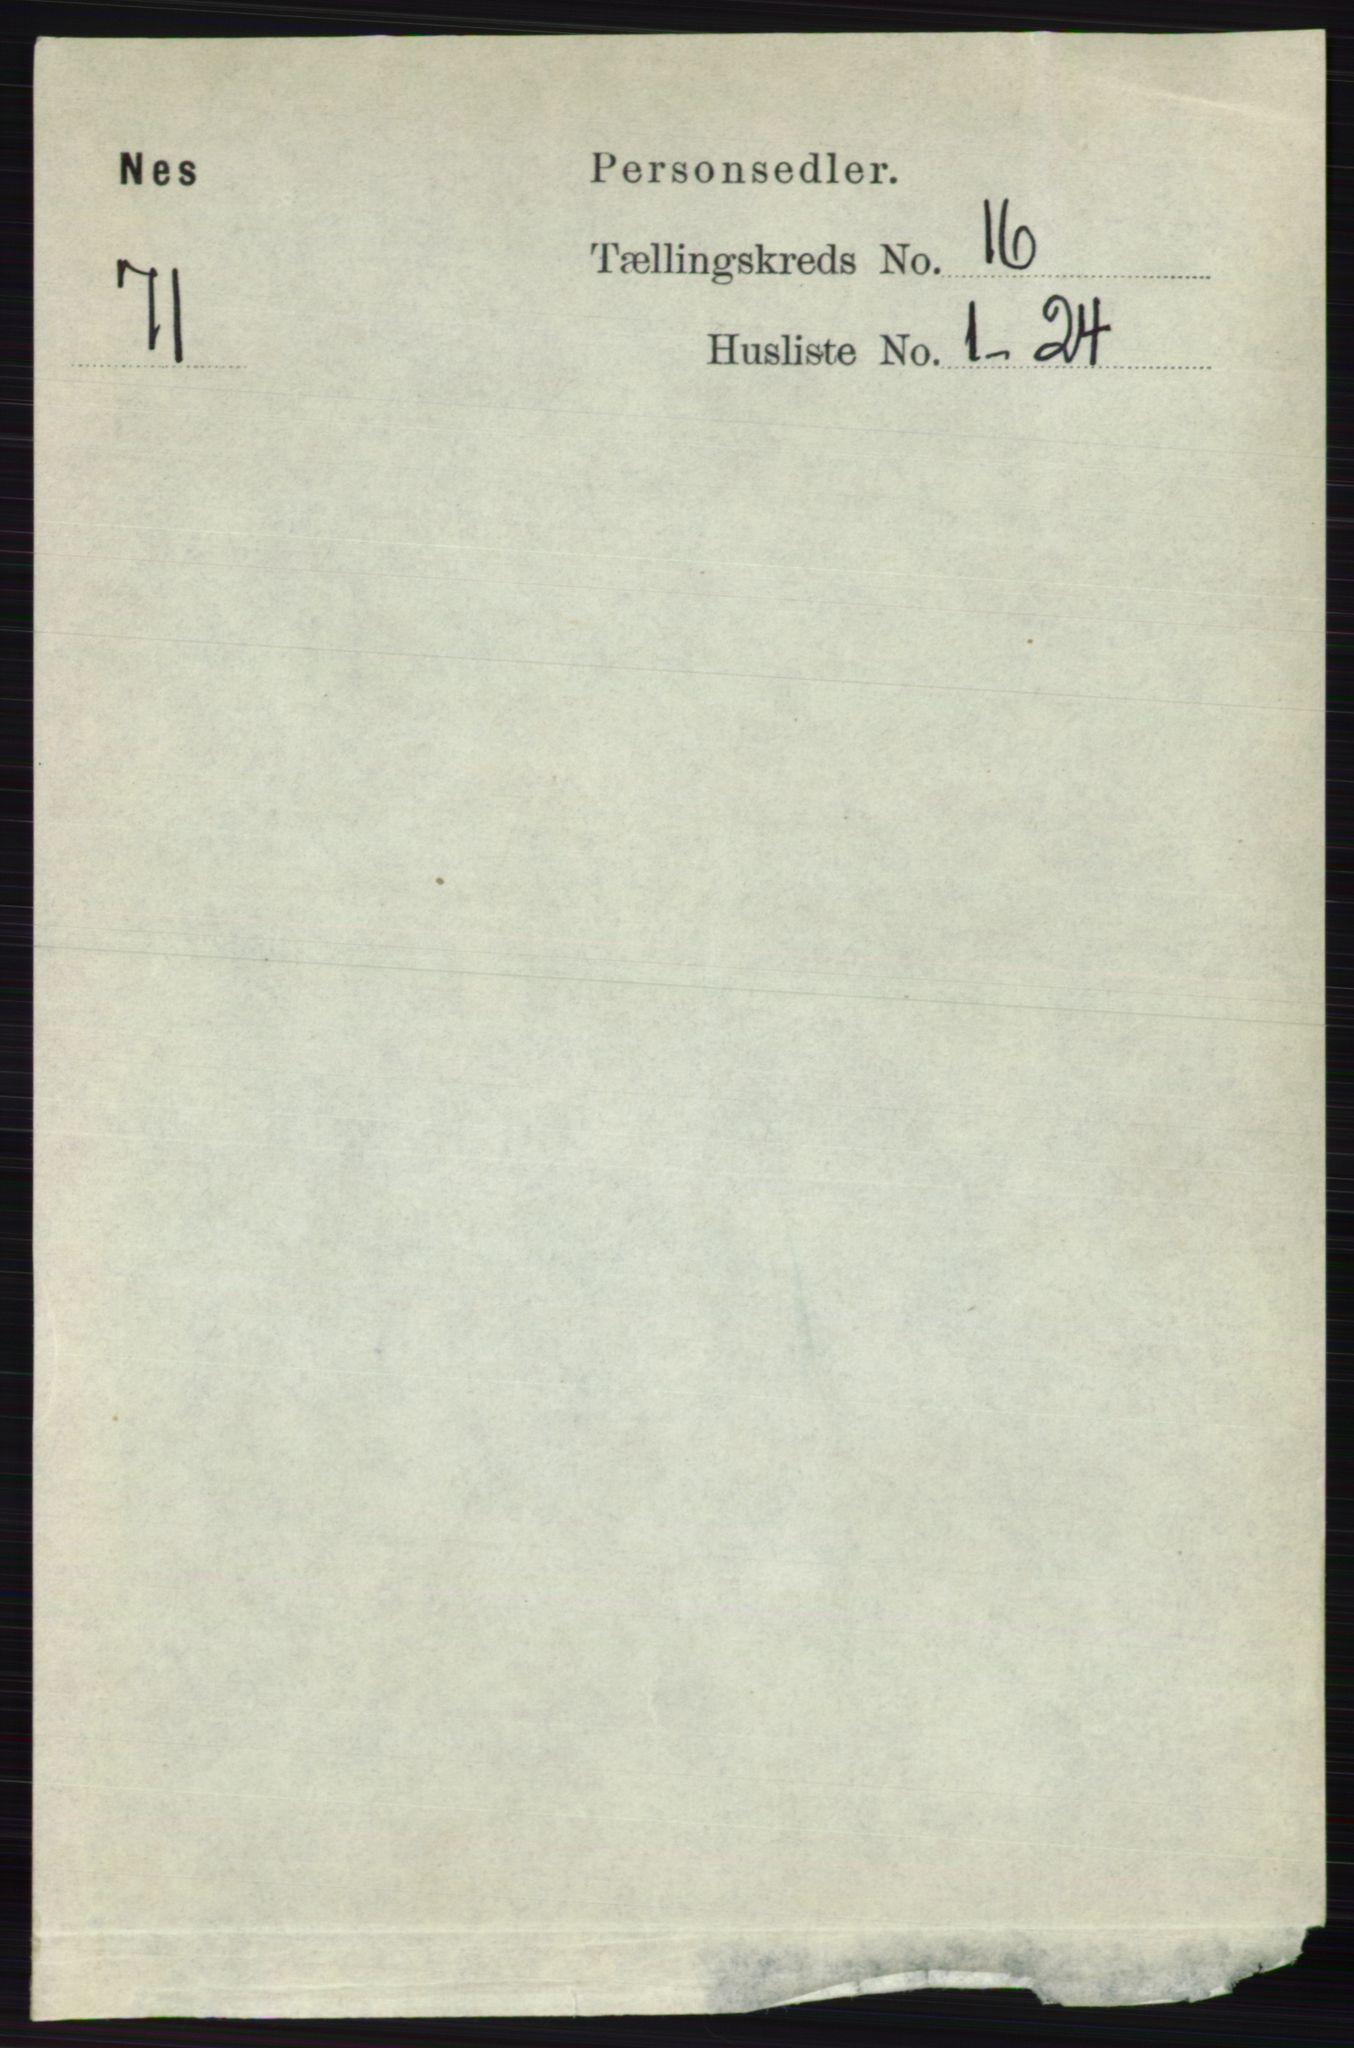 RA, Folketelling 1891 for 0236 Nes herred, 1891, s. 9548